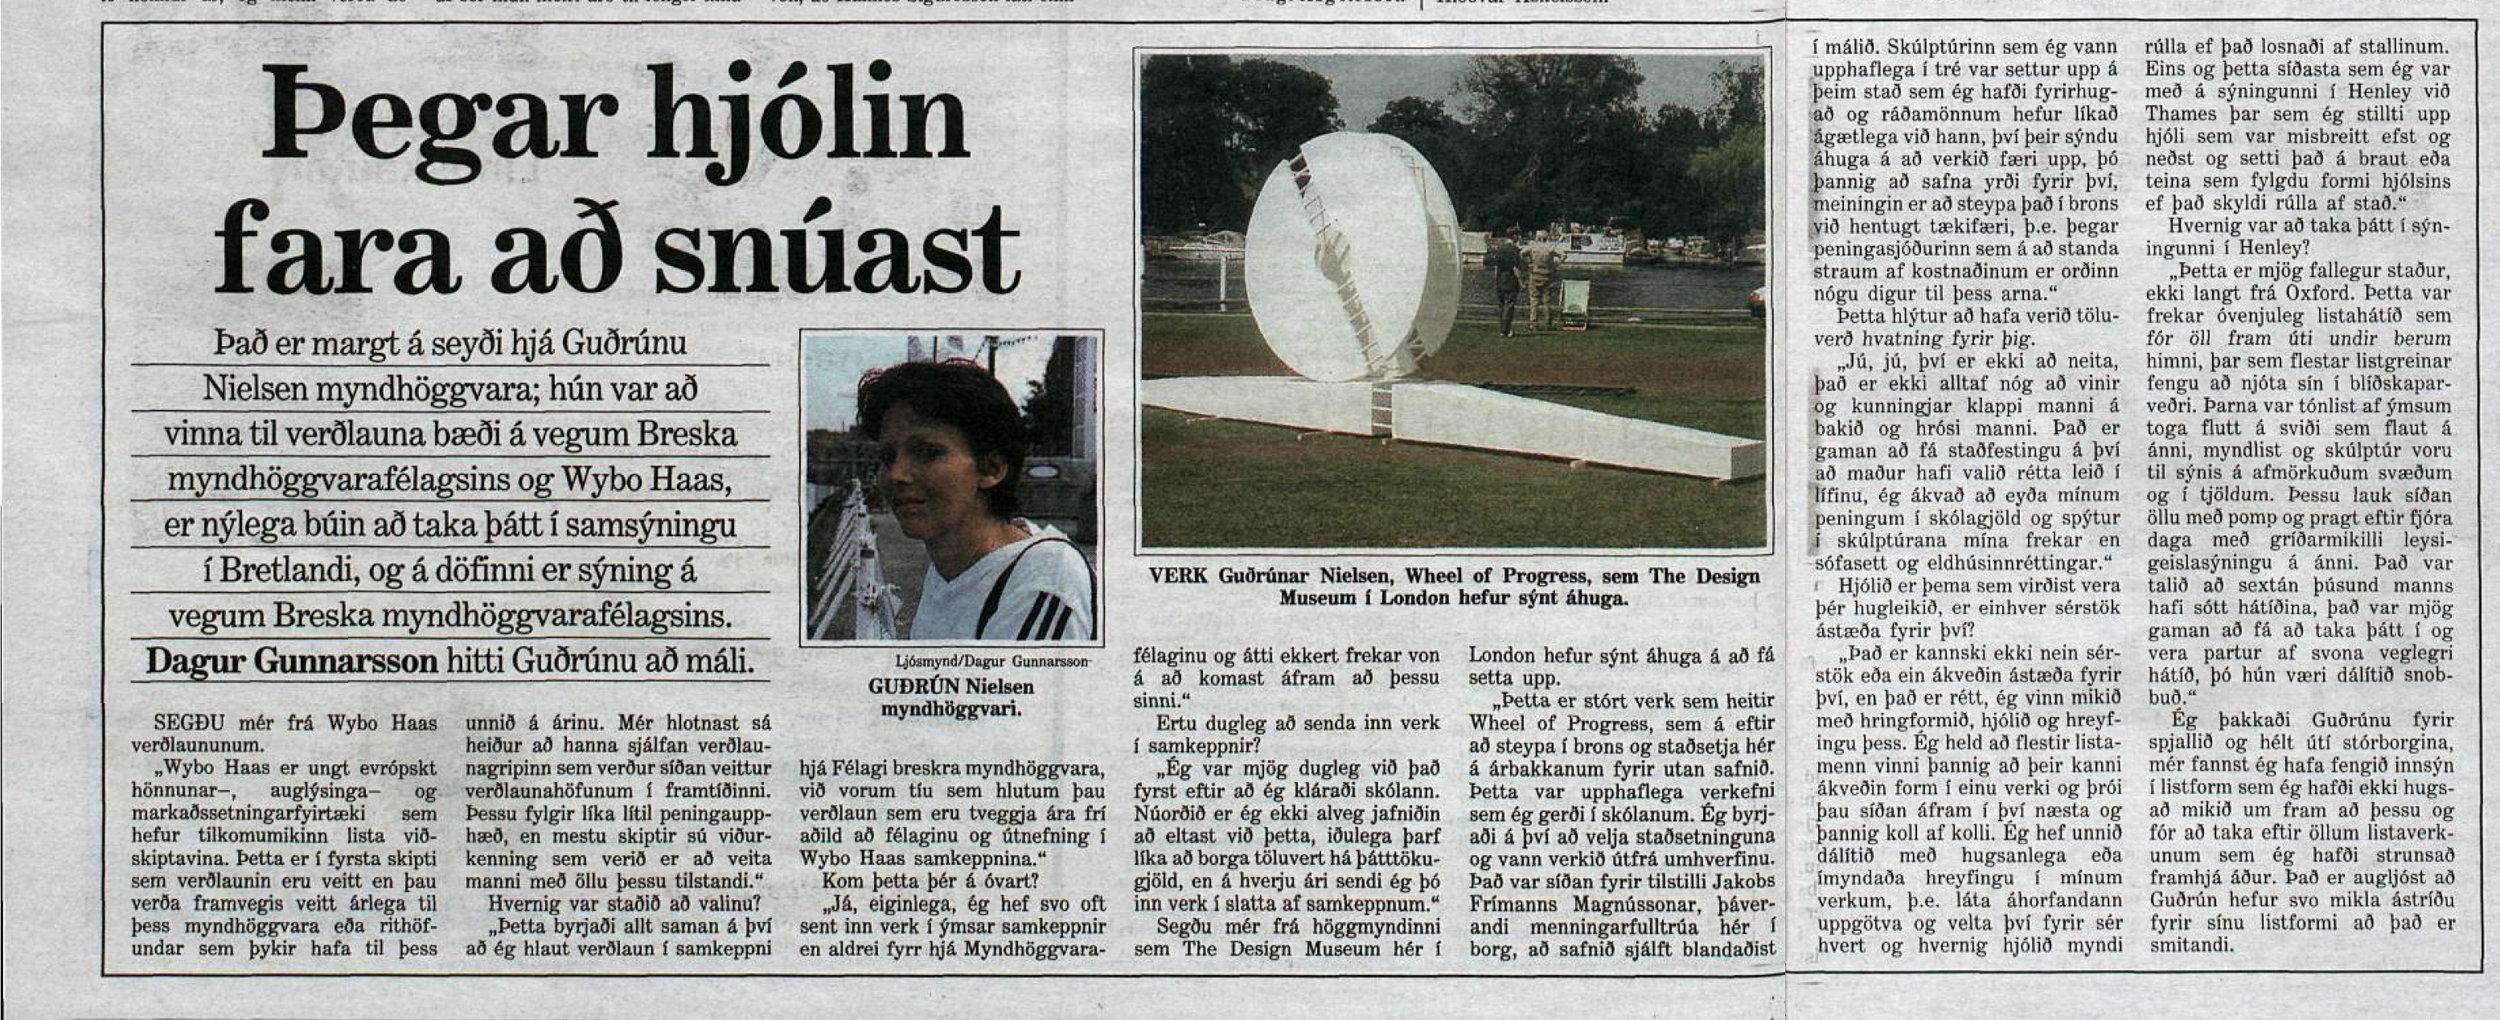 3.sept 1997 Viðtal f. mogga Dagur Gunnarsson.pdf a, b saman skorið.jpg